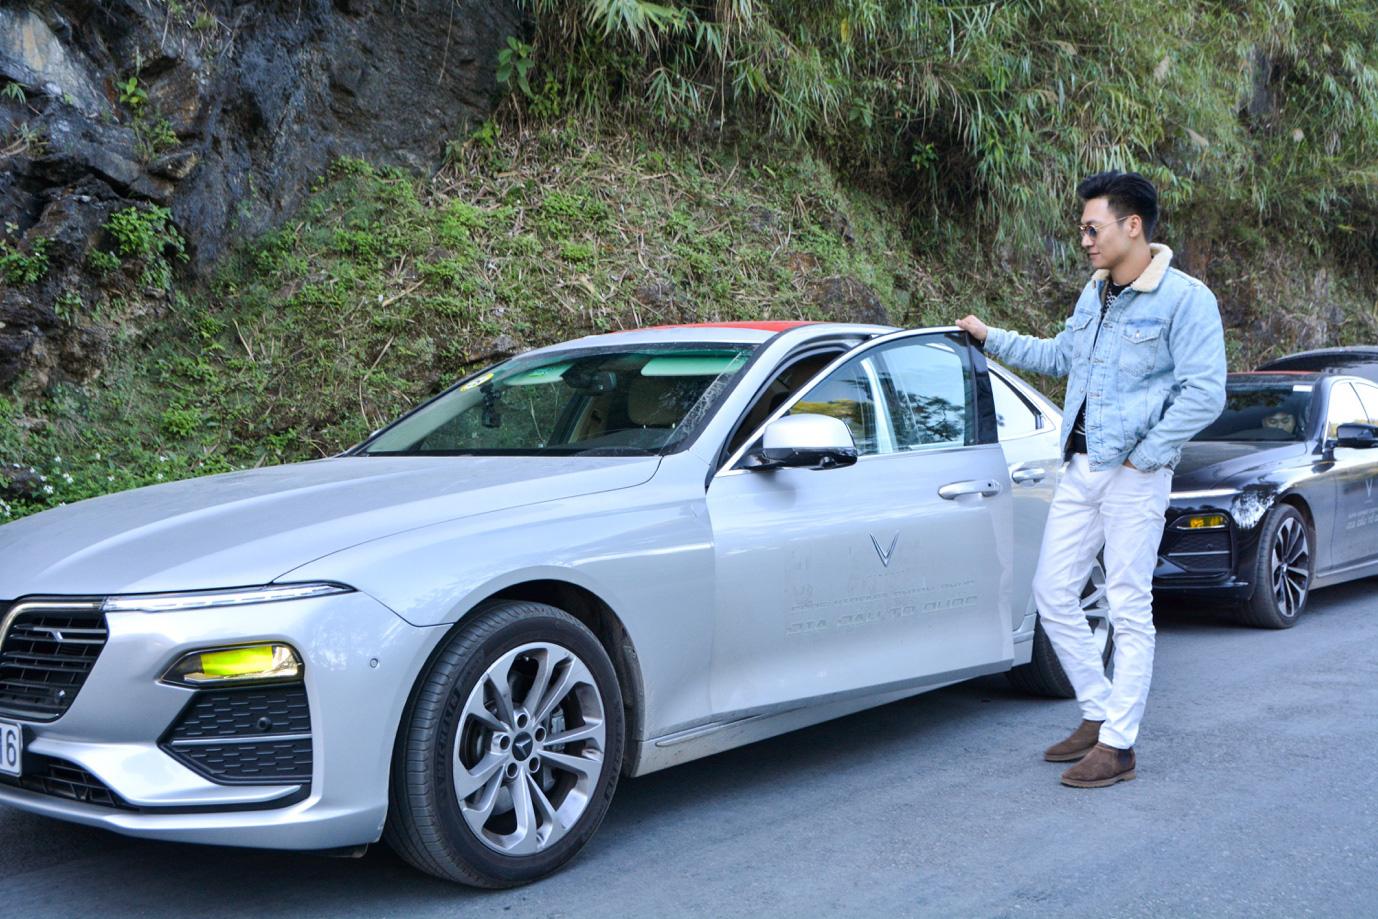 Mạnh Trường, Bảo Thanh thể hiện trình độ lái xe chẳng kém ai trên cung đường lắt léo đến Hà Giang - Ảnh 2.